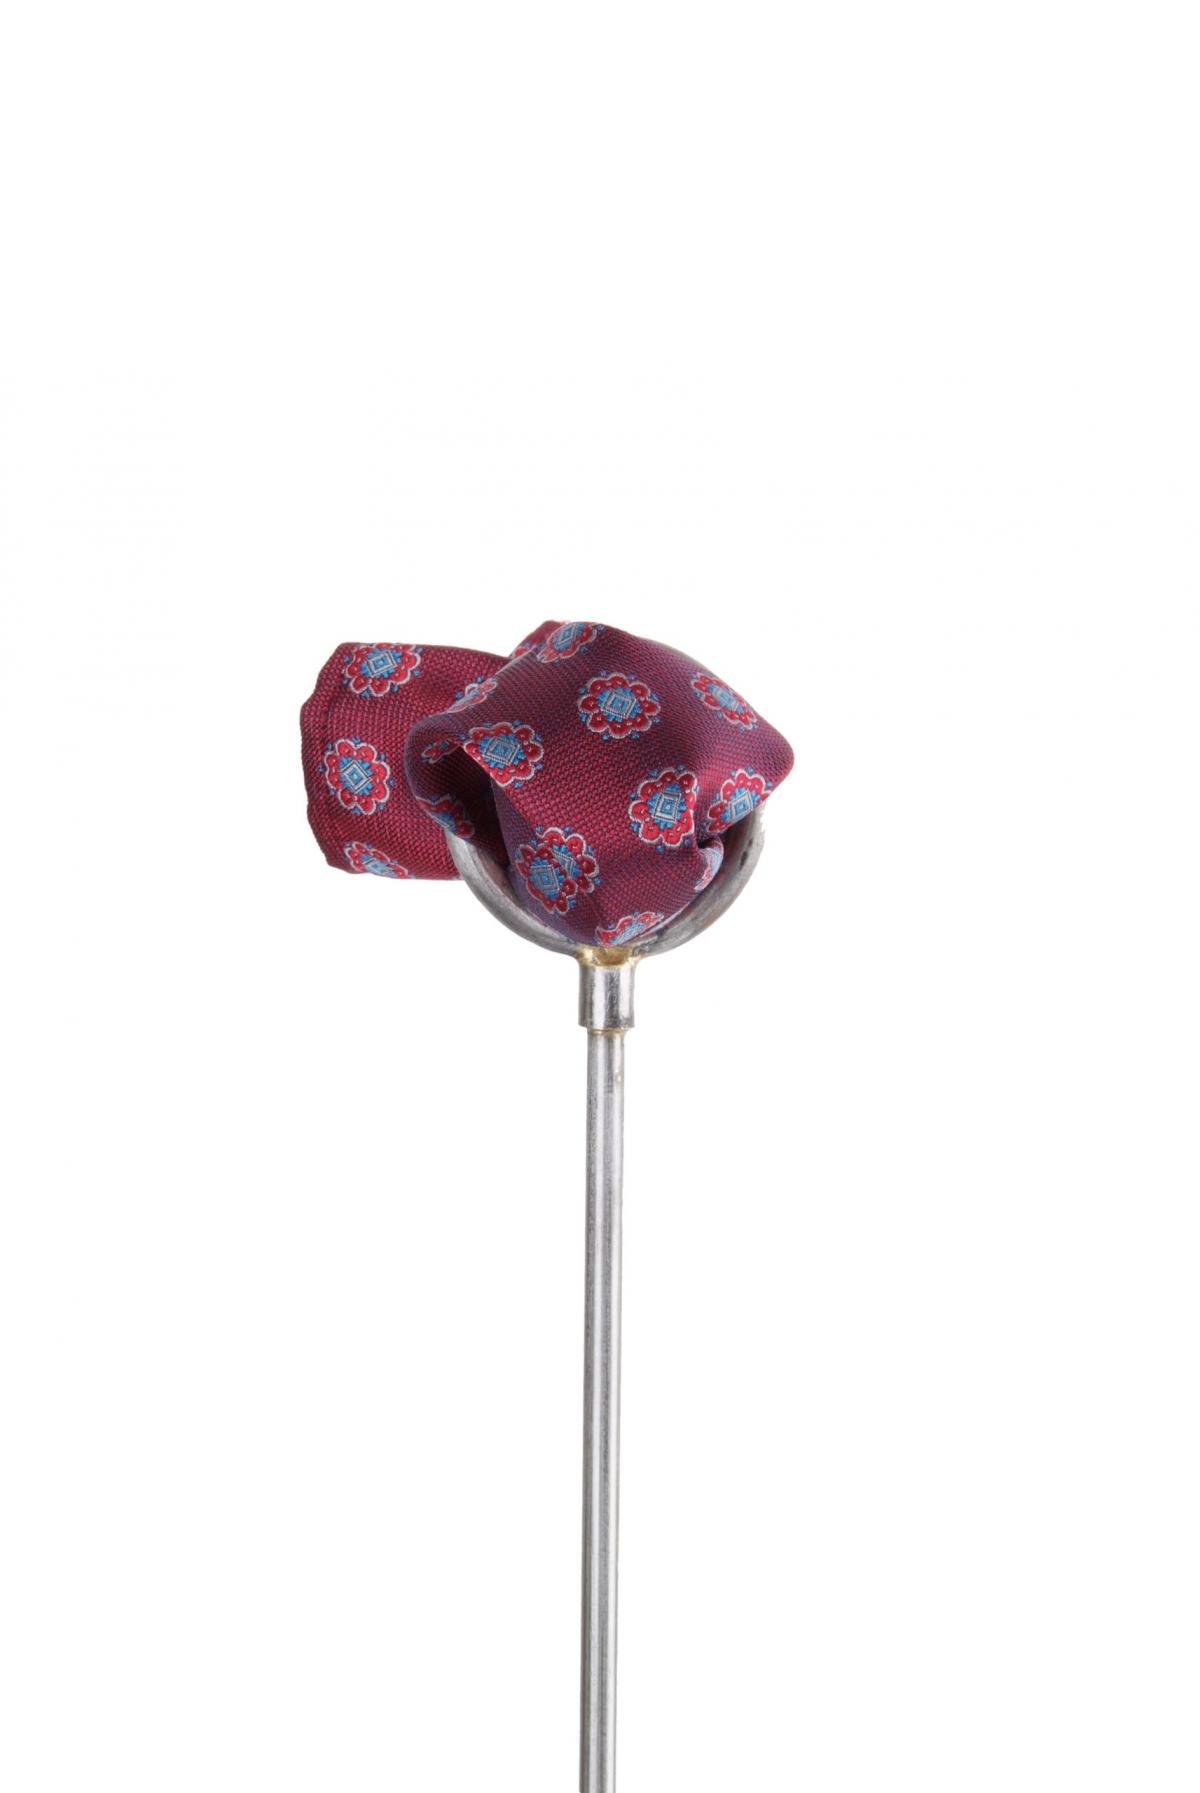 Handkerchief for weddings